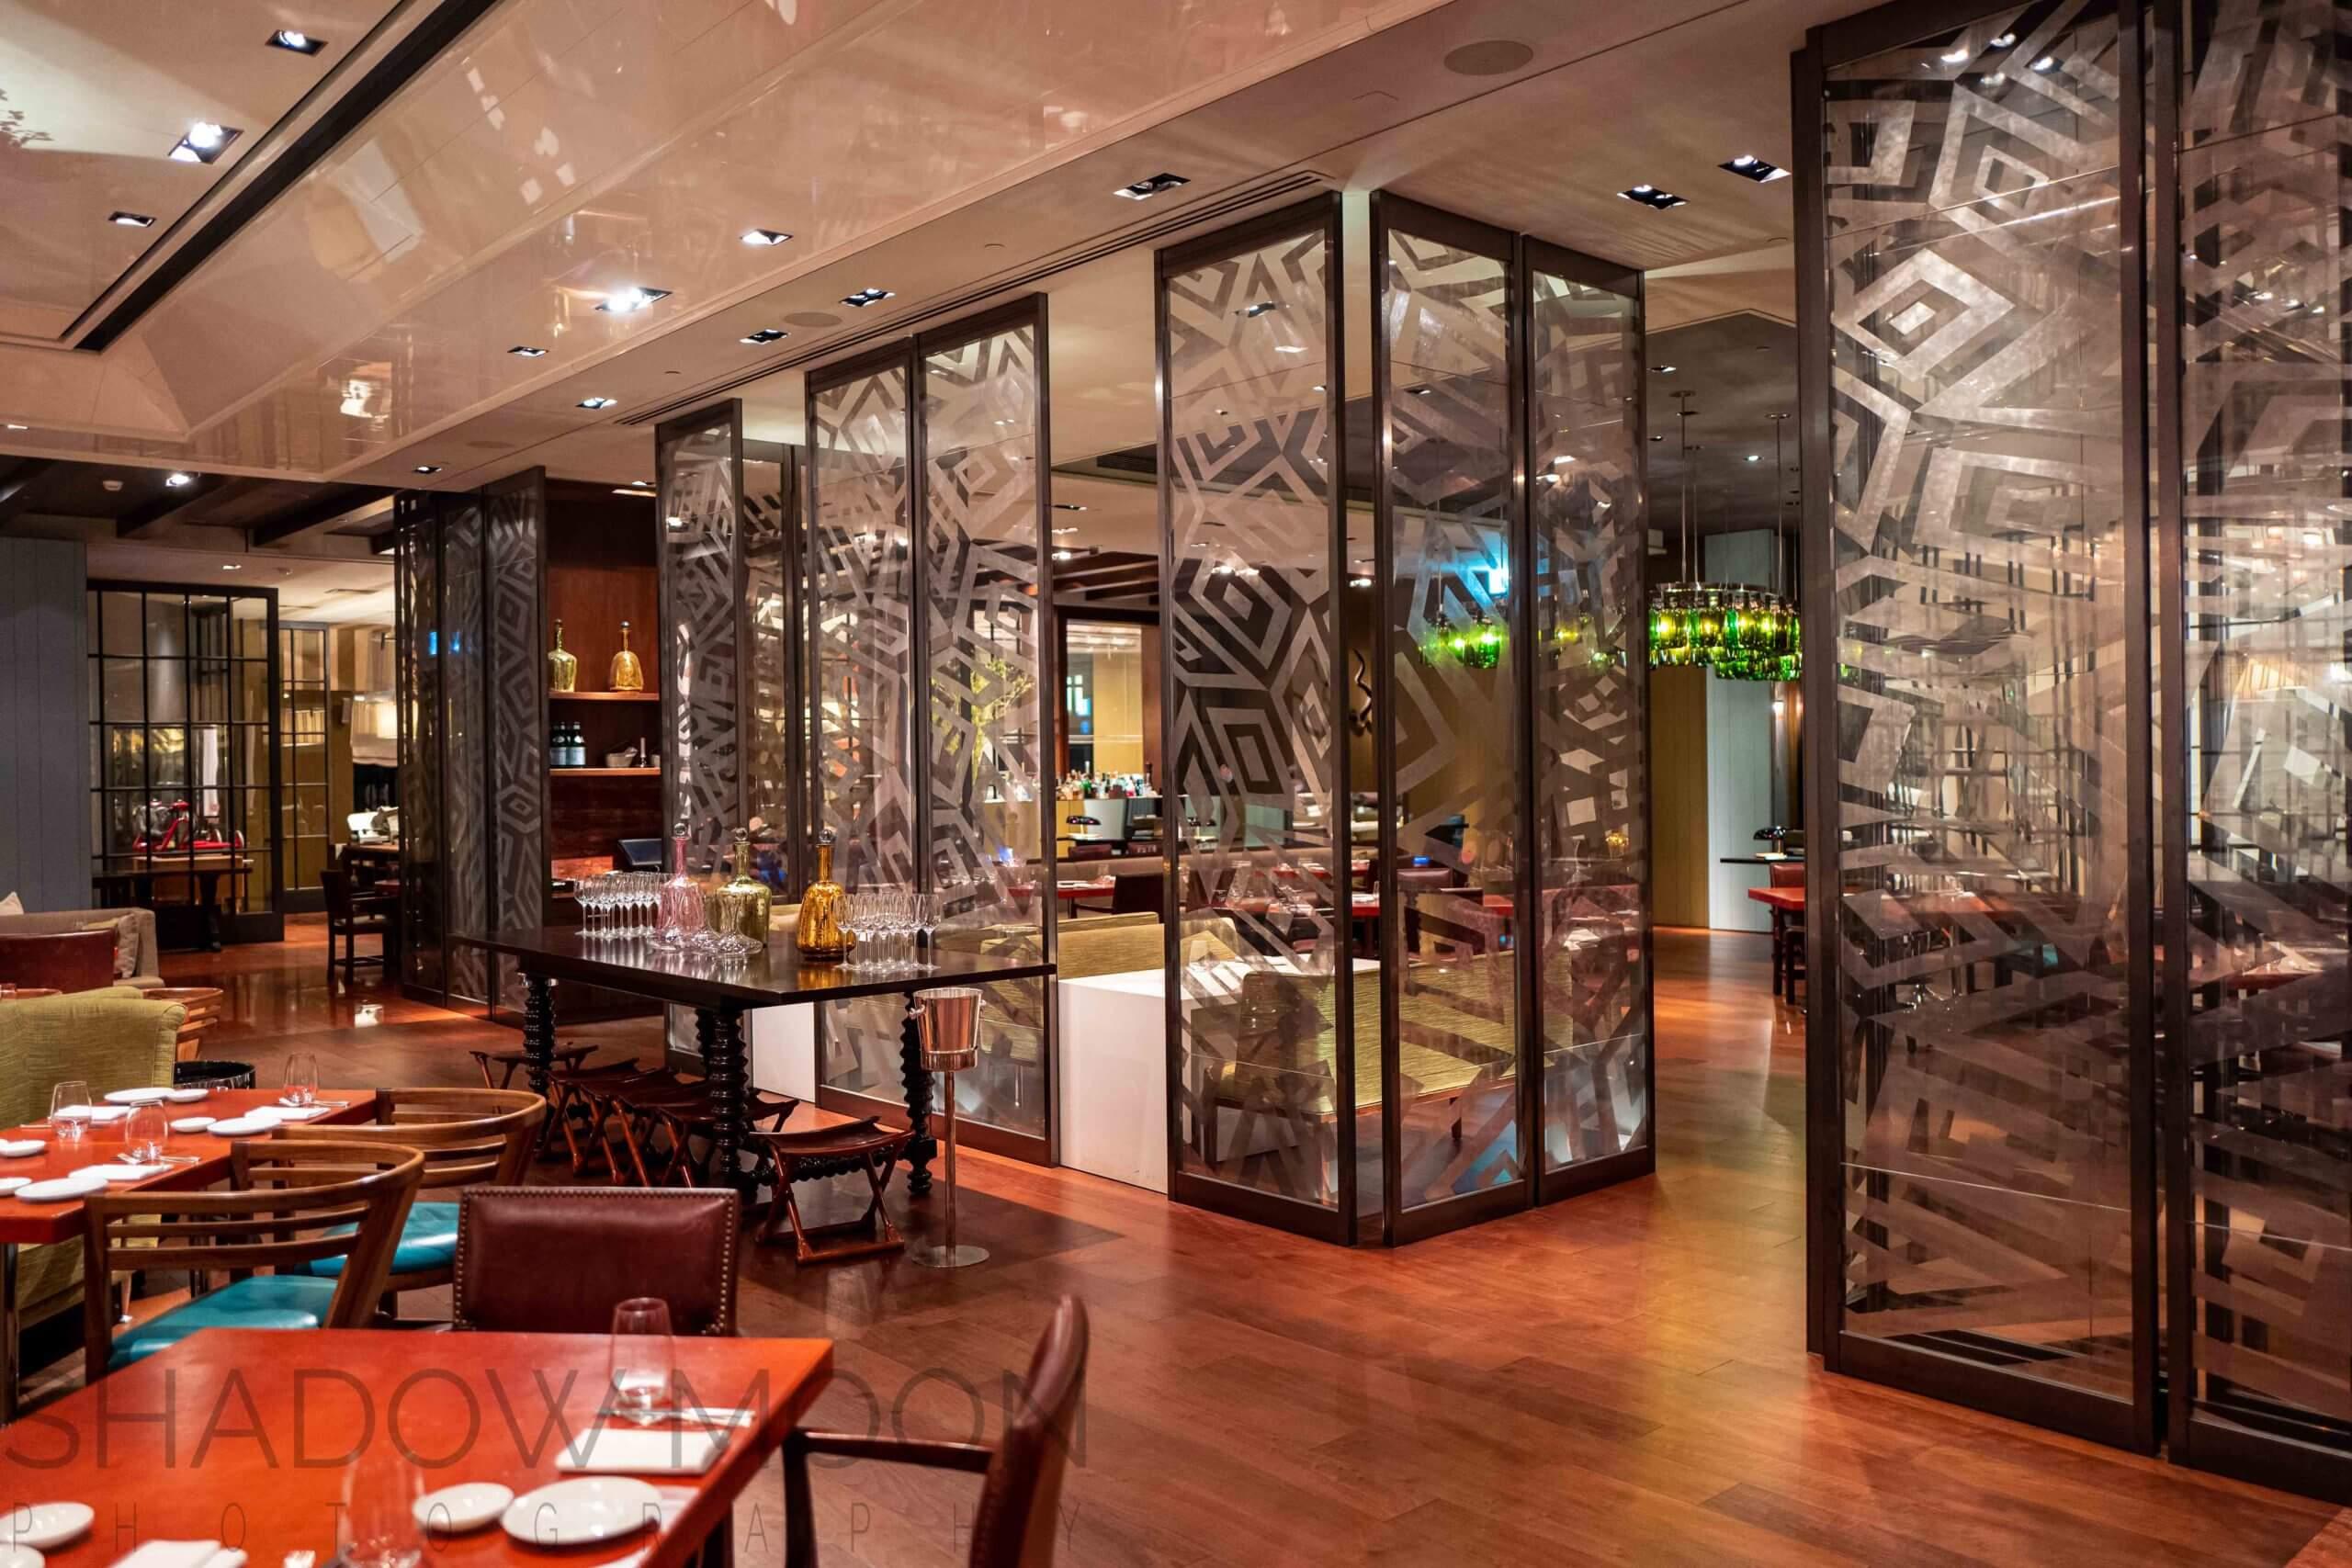 台北文華東方酒店:Bencotto 義式餐廳|舌尖上的藝術交響曲|米其林餐廳